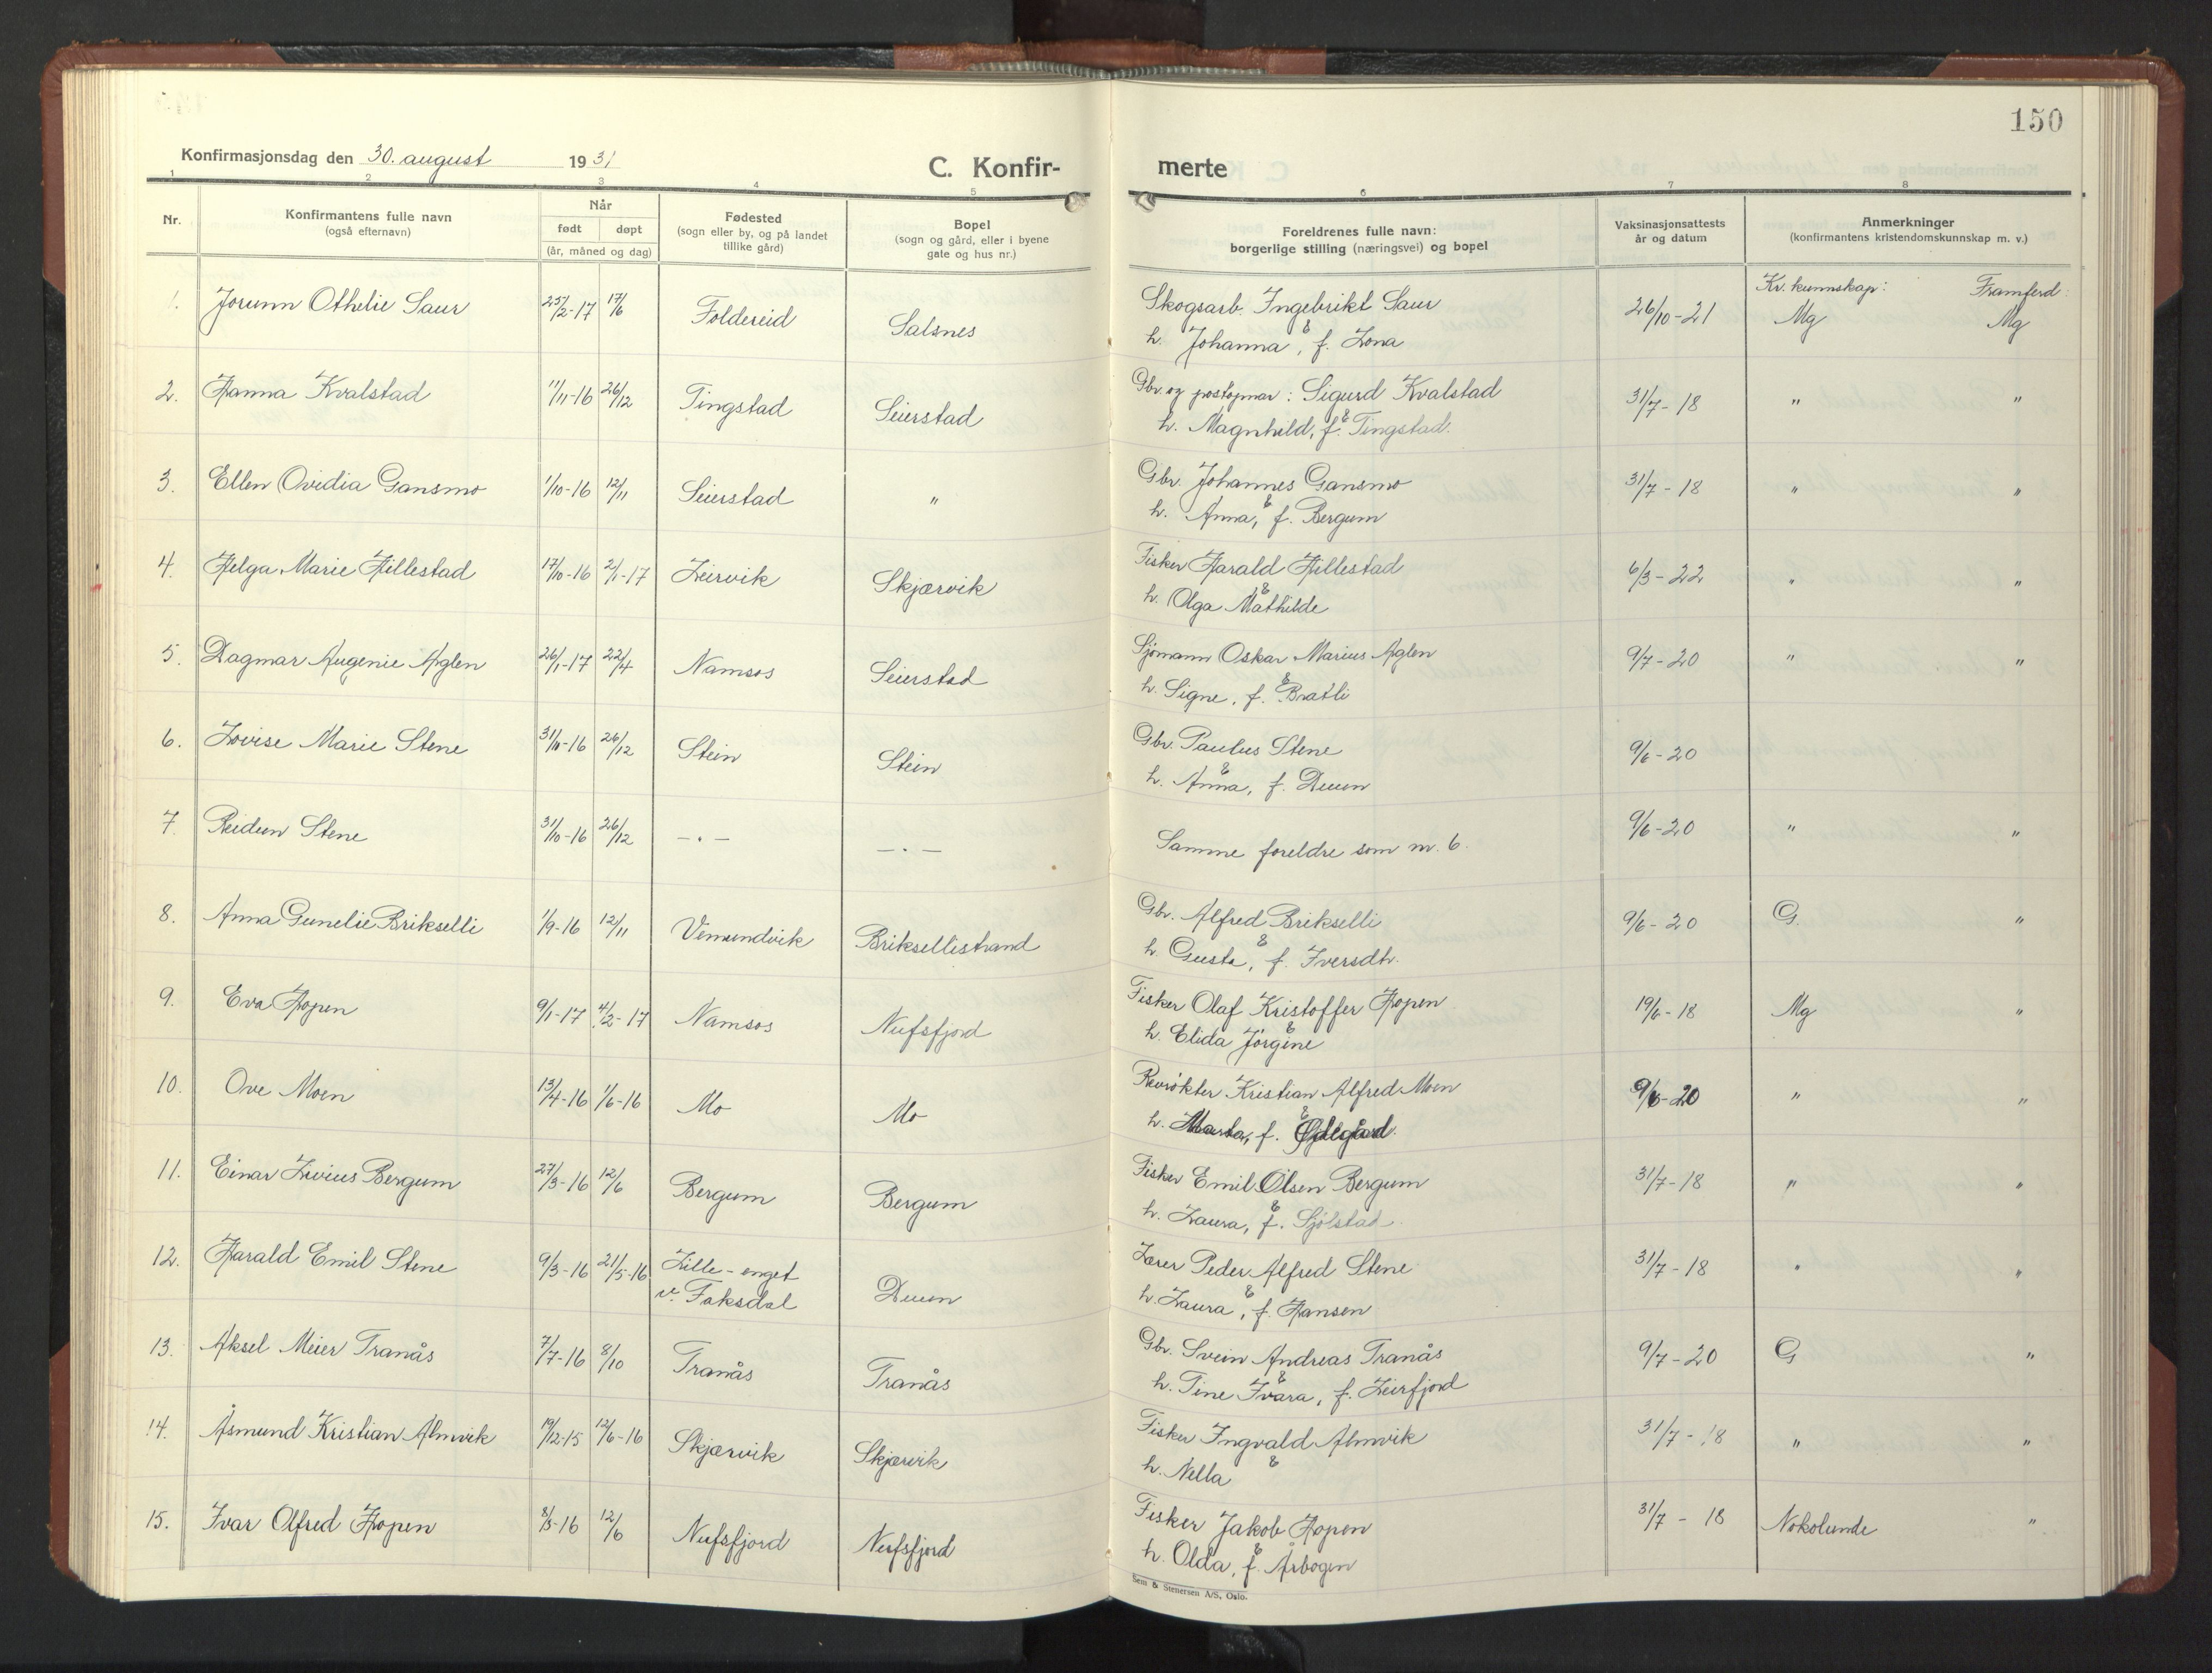 SAT, Ministerialprotokoller, klokkerbøker og fødselsregistre - Nord-Trøndelag, 773/L0625: Klokkerbok nr. 773C01, 1910-1952, s. 150